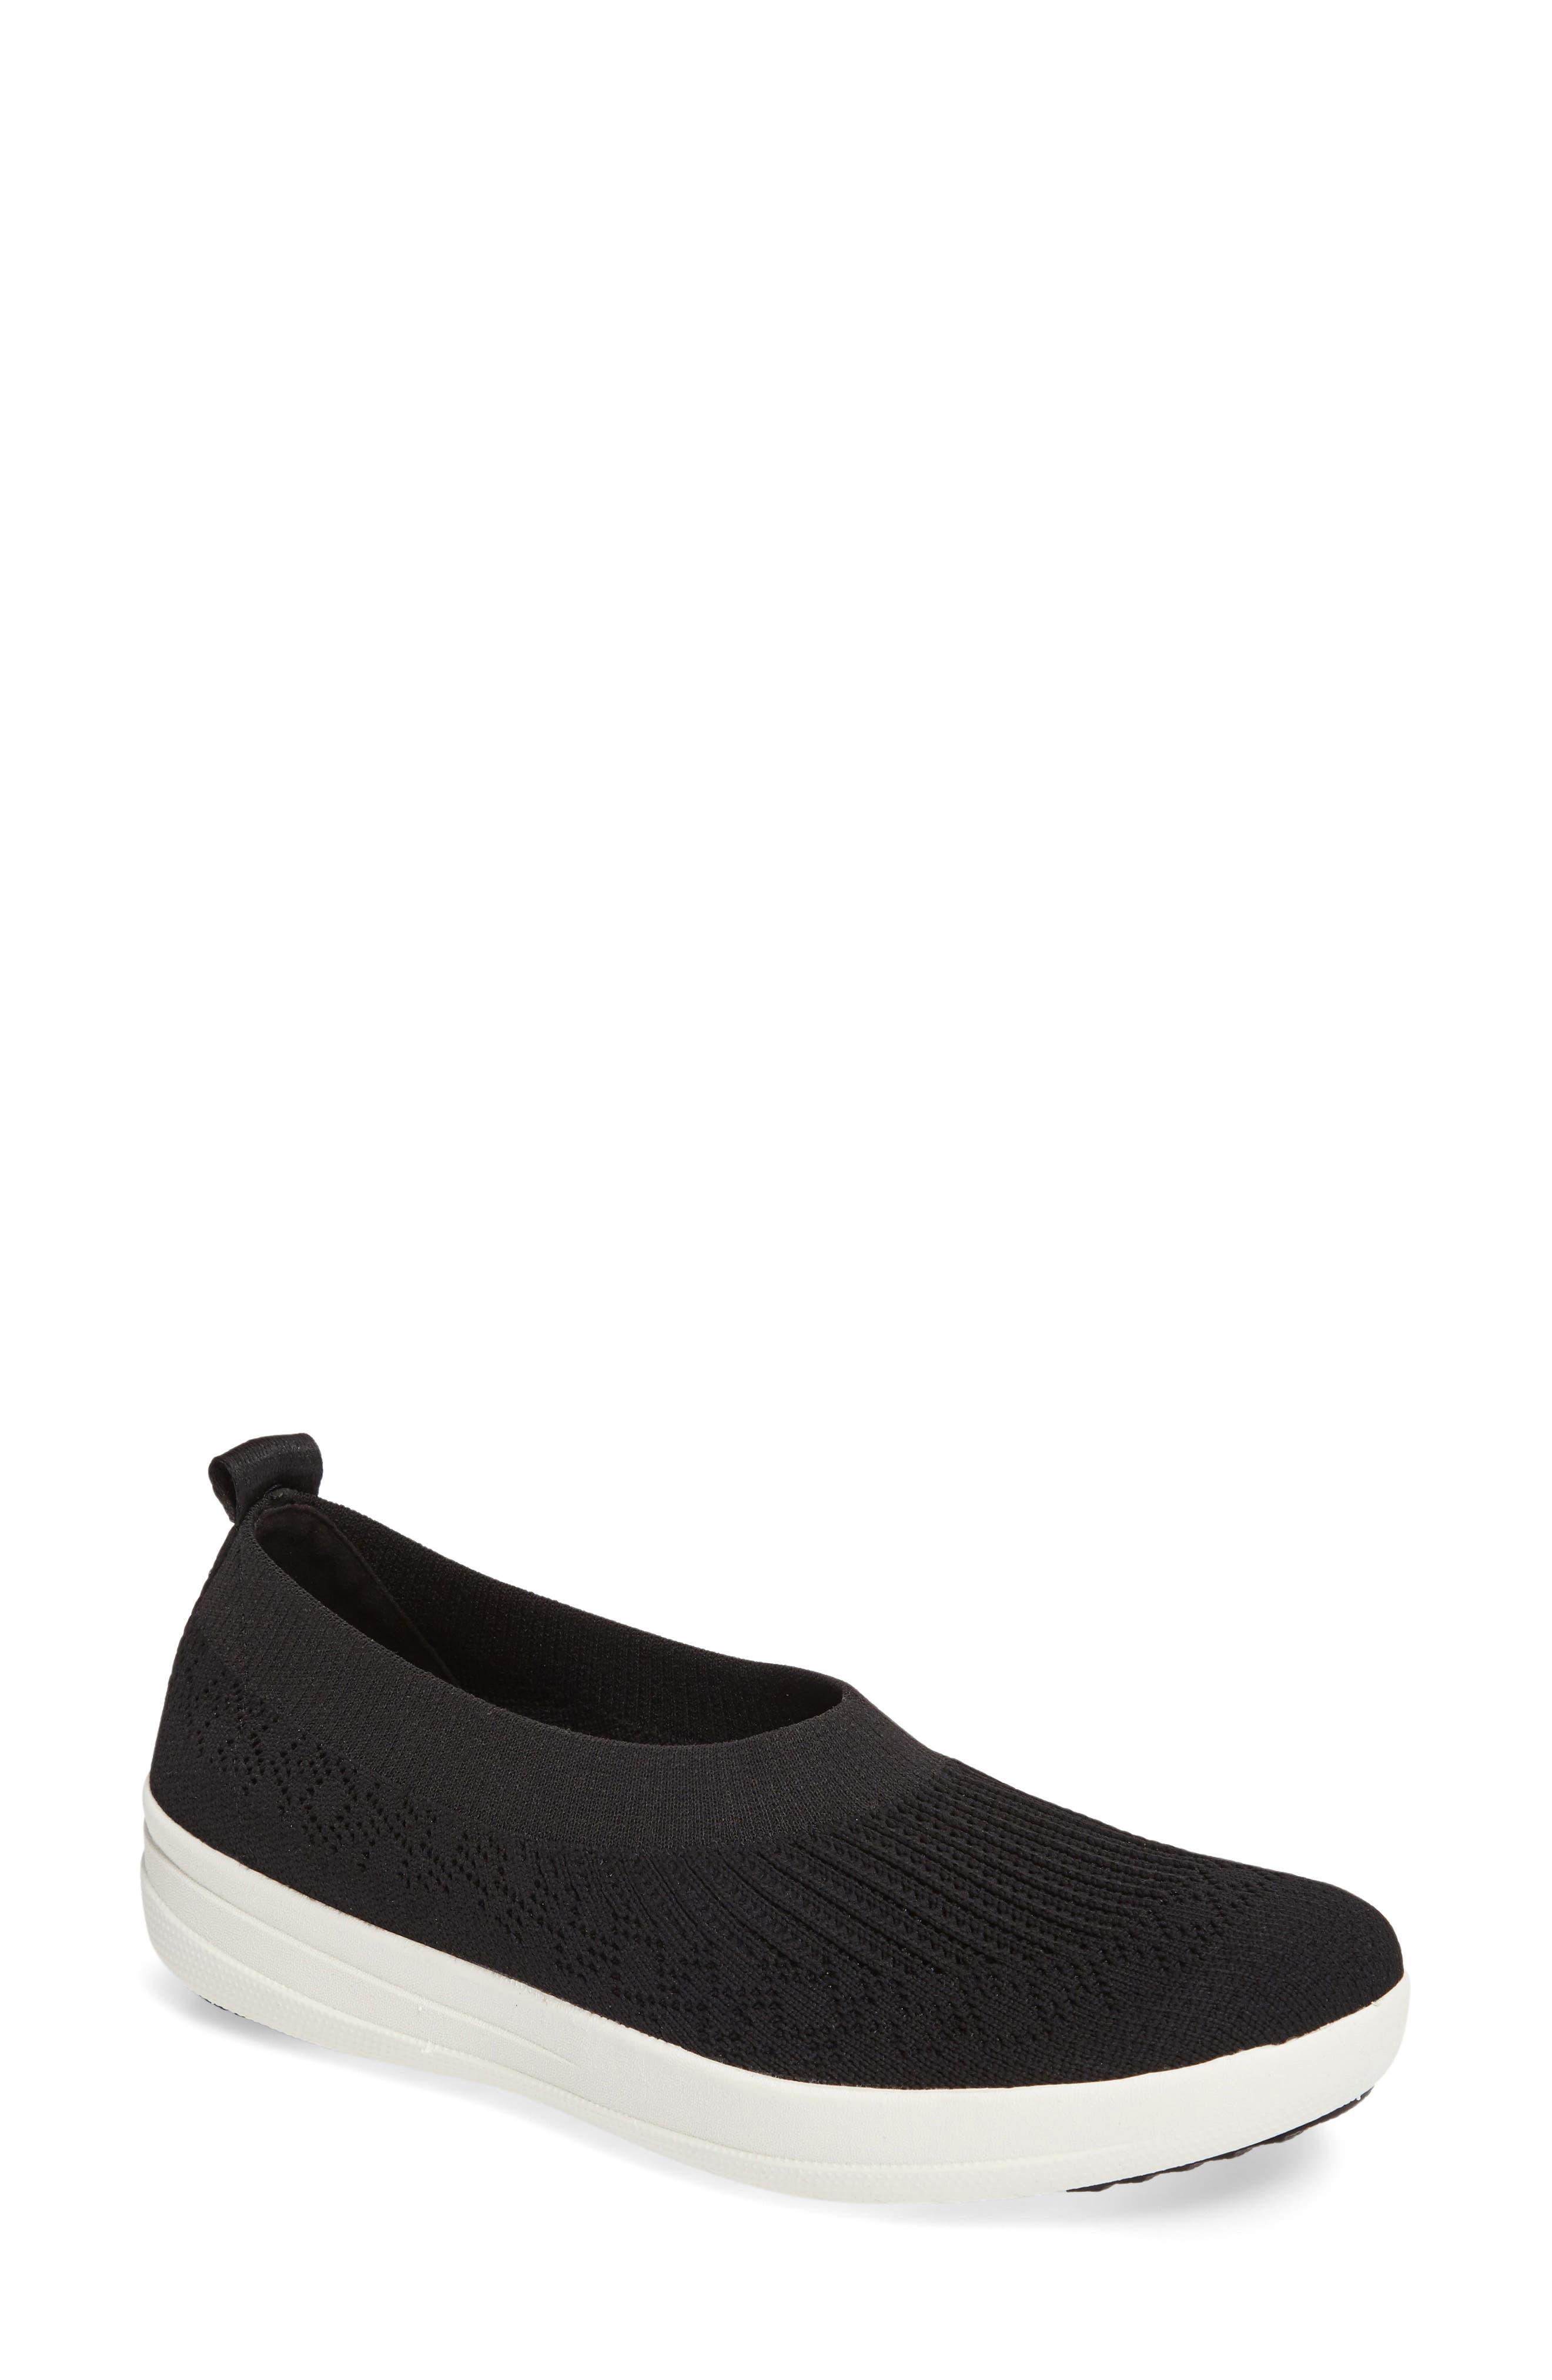 Uberknit Slip-On Sneaker,                             Main thumbnail 2, color,